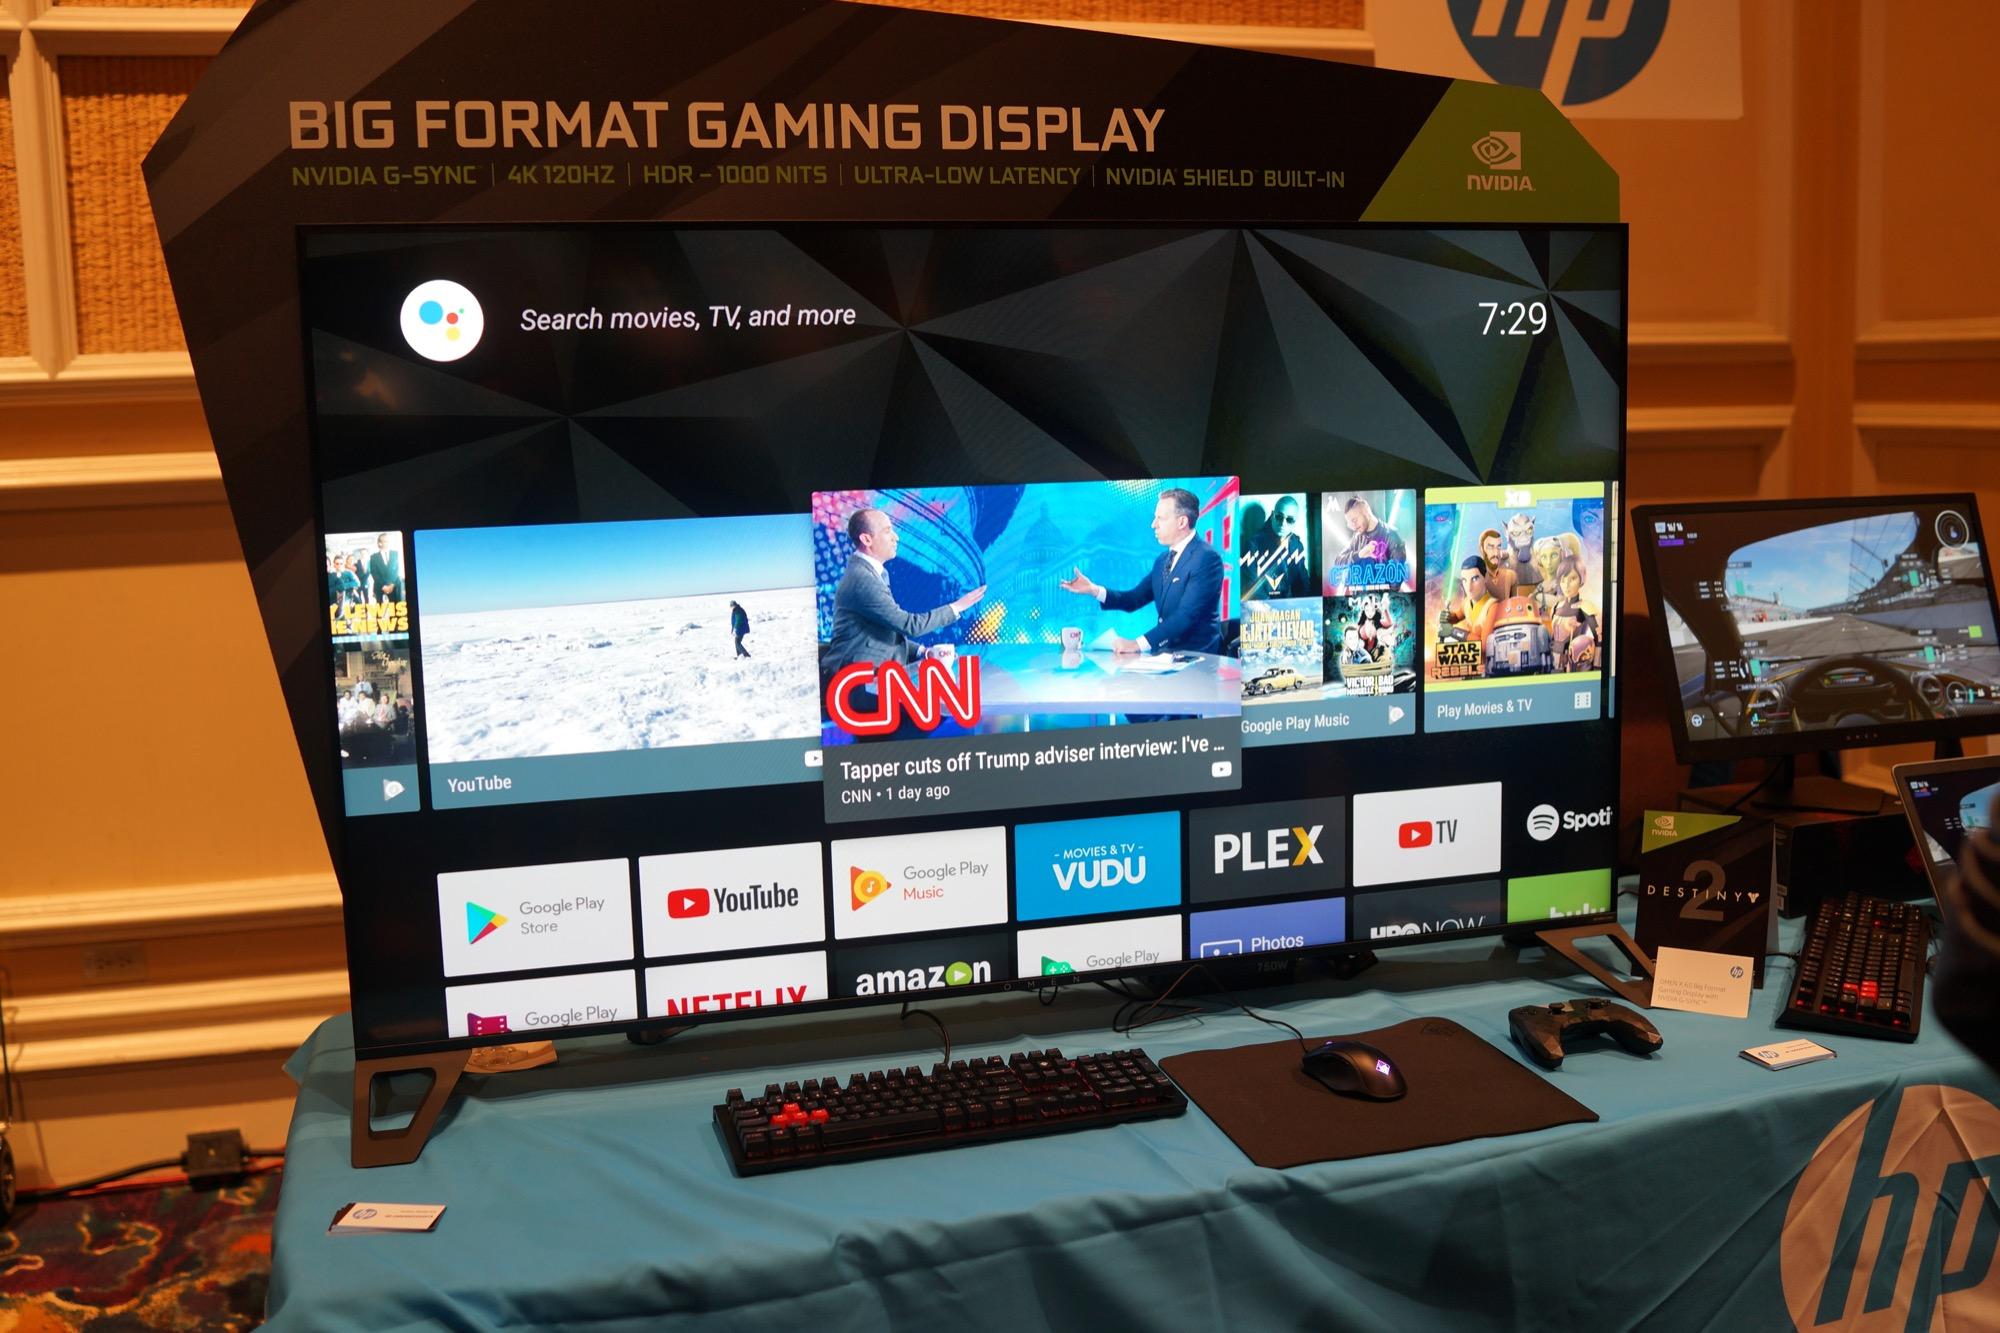 hp omen x 65 voici l 39 cran 65 pouces 4k 120 hz hdr pour les gamers sous android tv frandroid. Black Bedroom Furniture Sets. Home Design Ideas